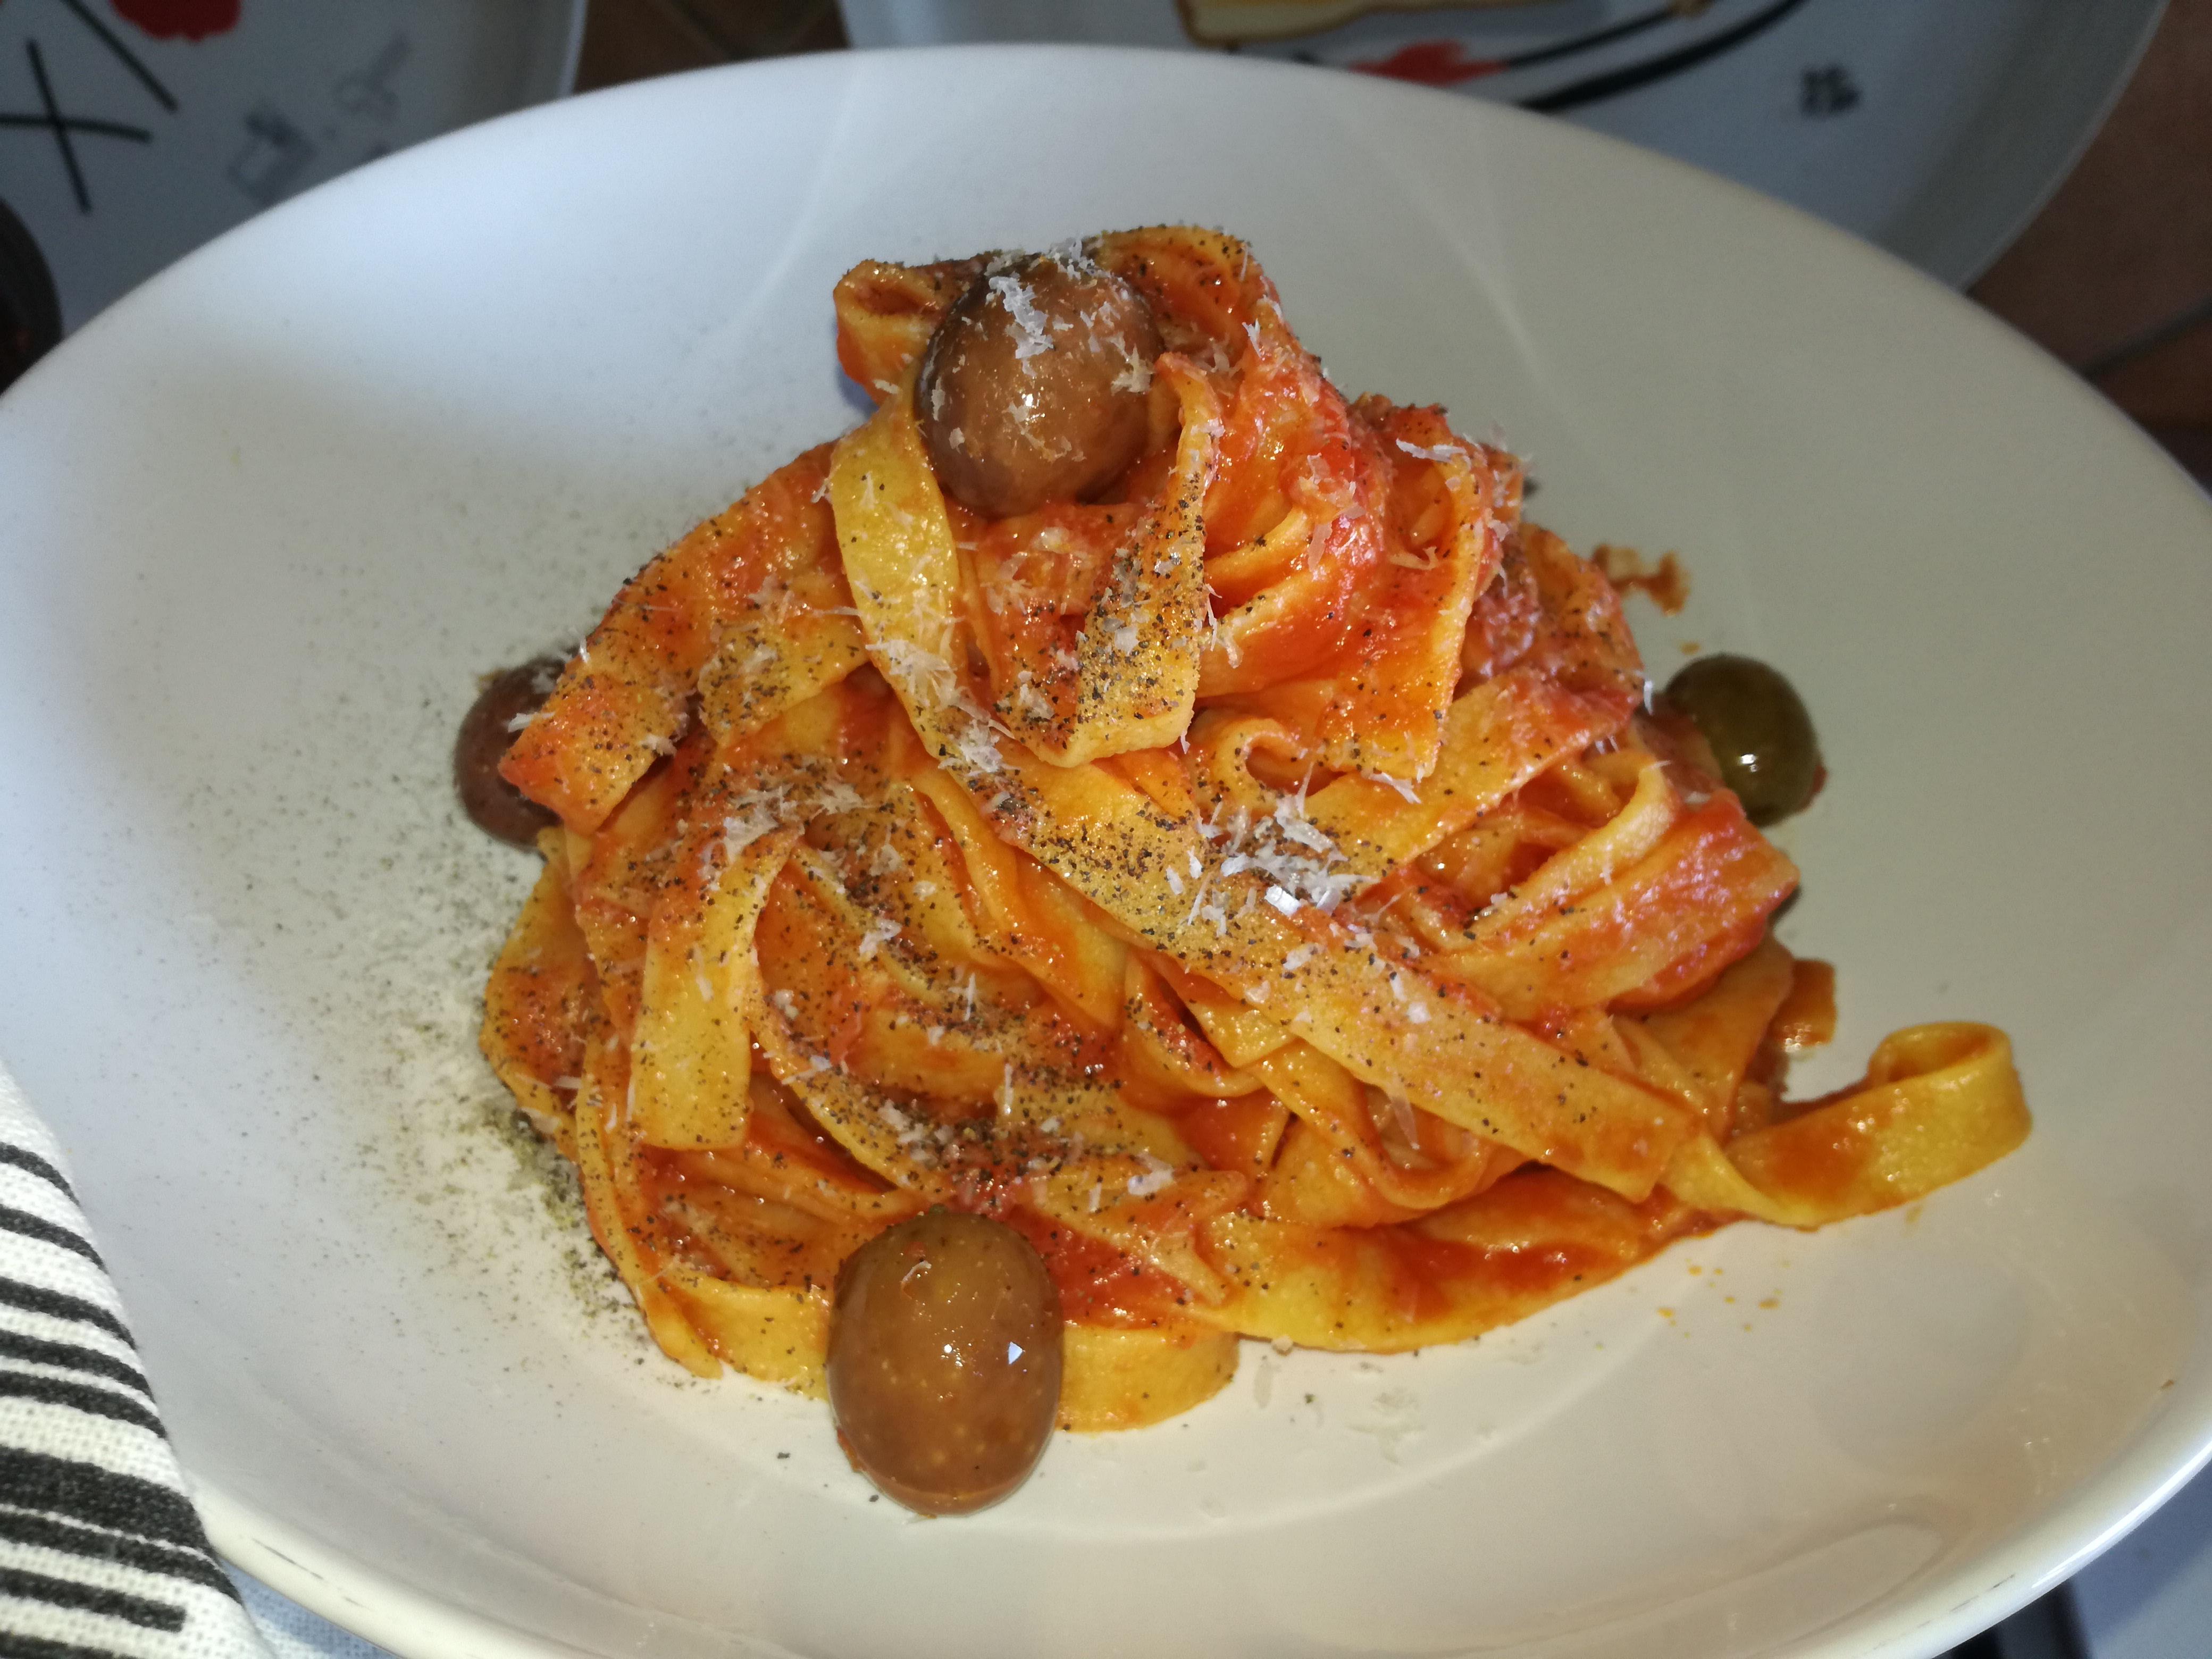 Fettuccine al sugo rosso e pecorino romano